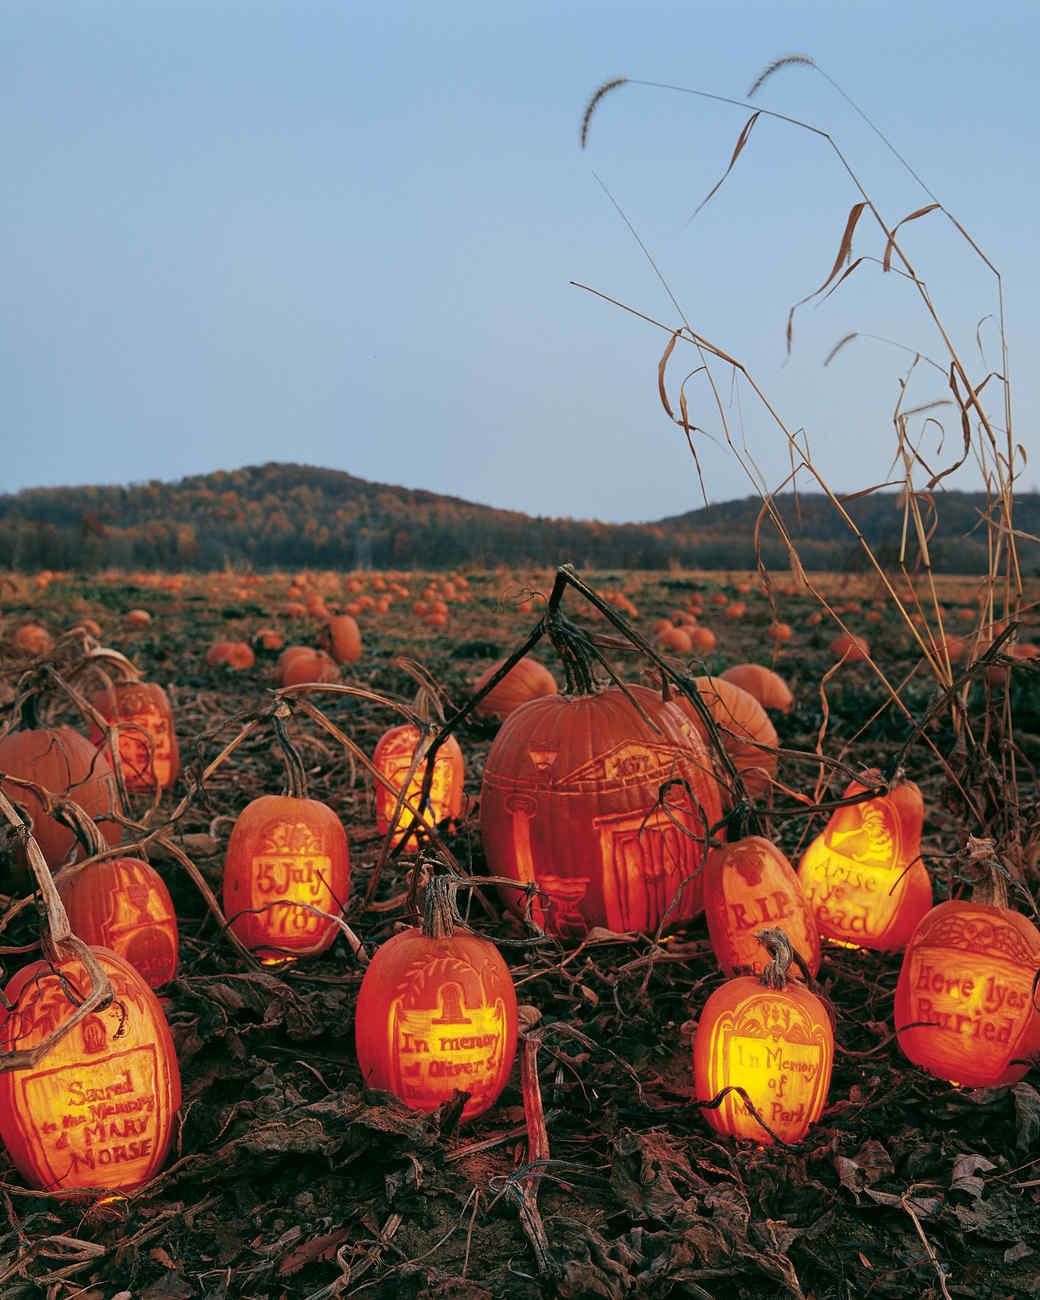 Craft project artistic pumpkin carving